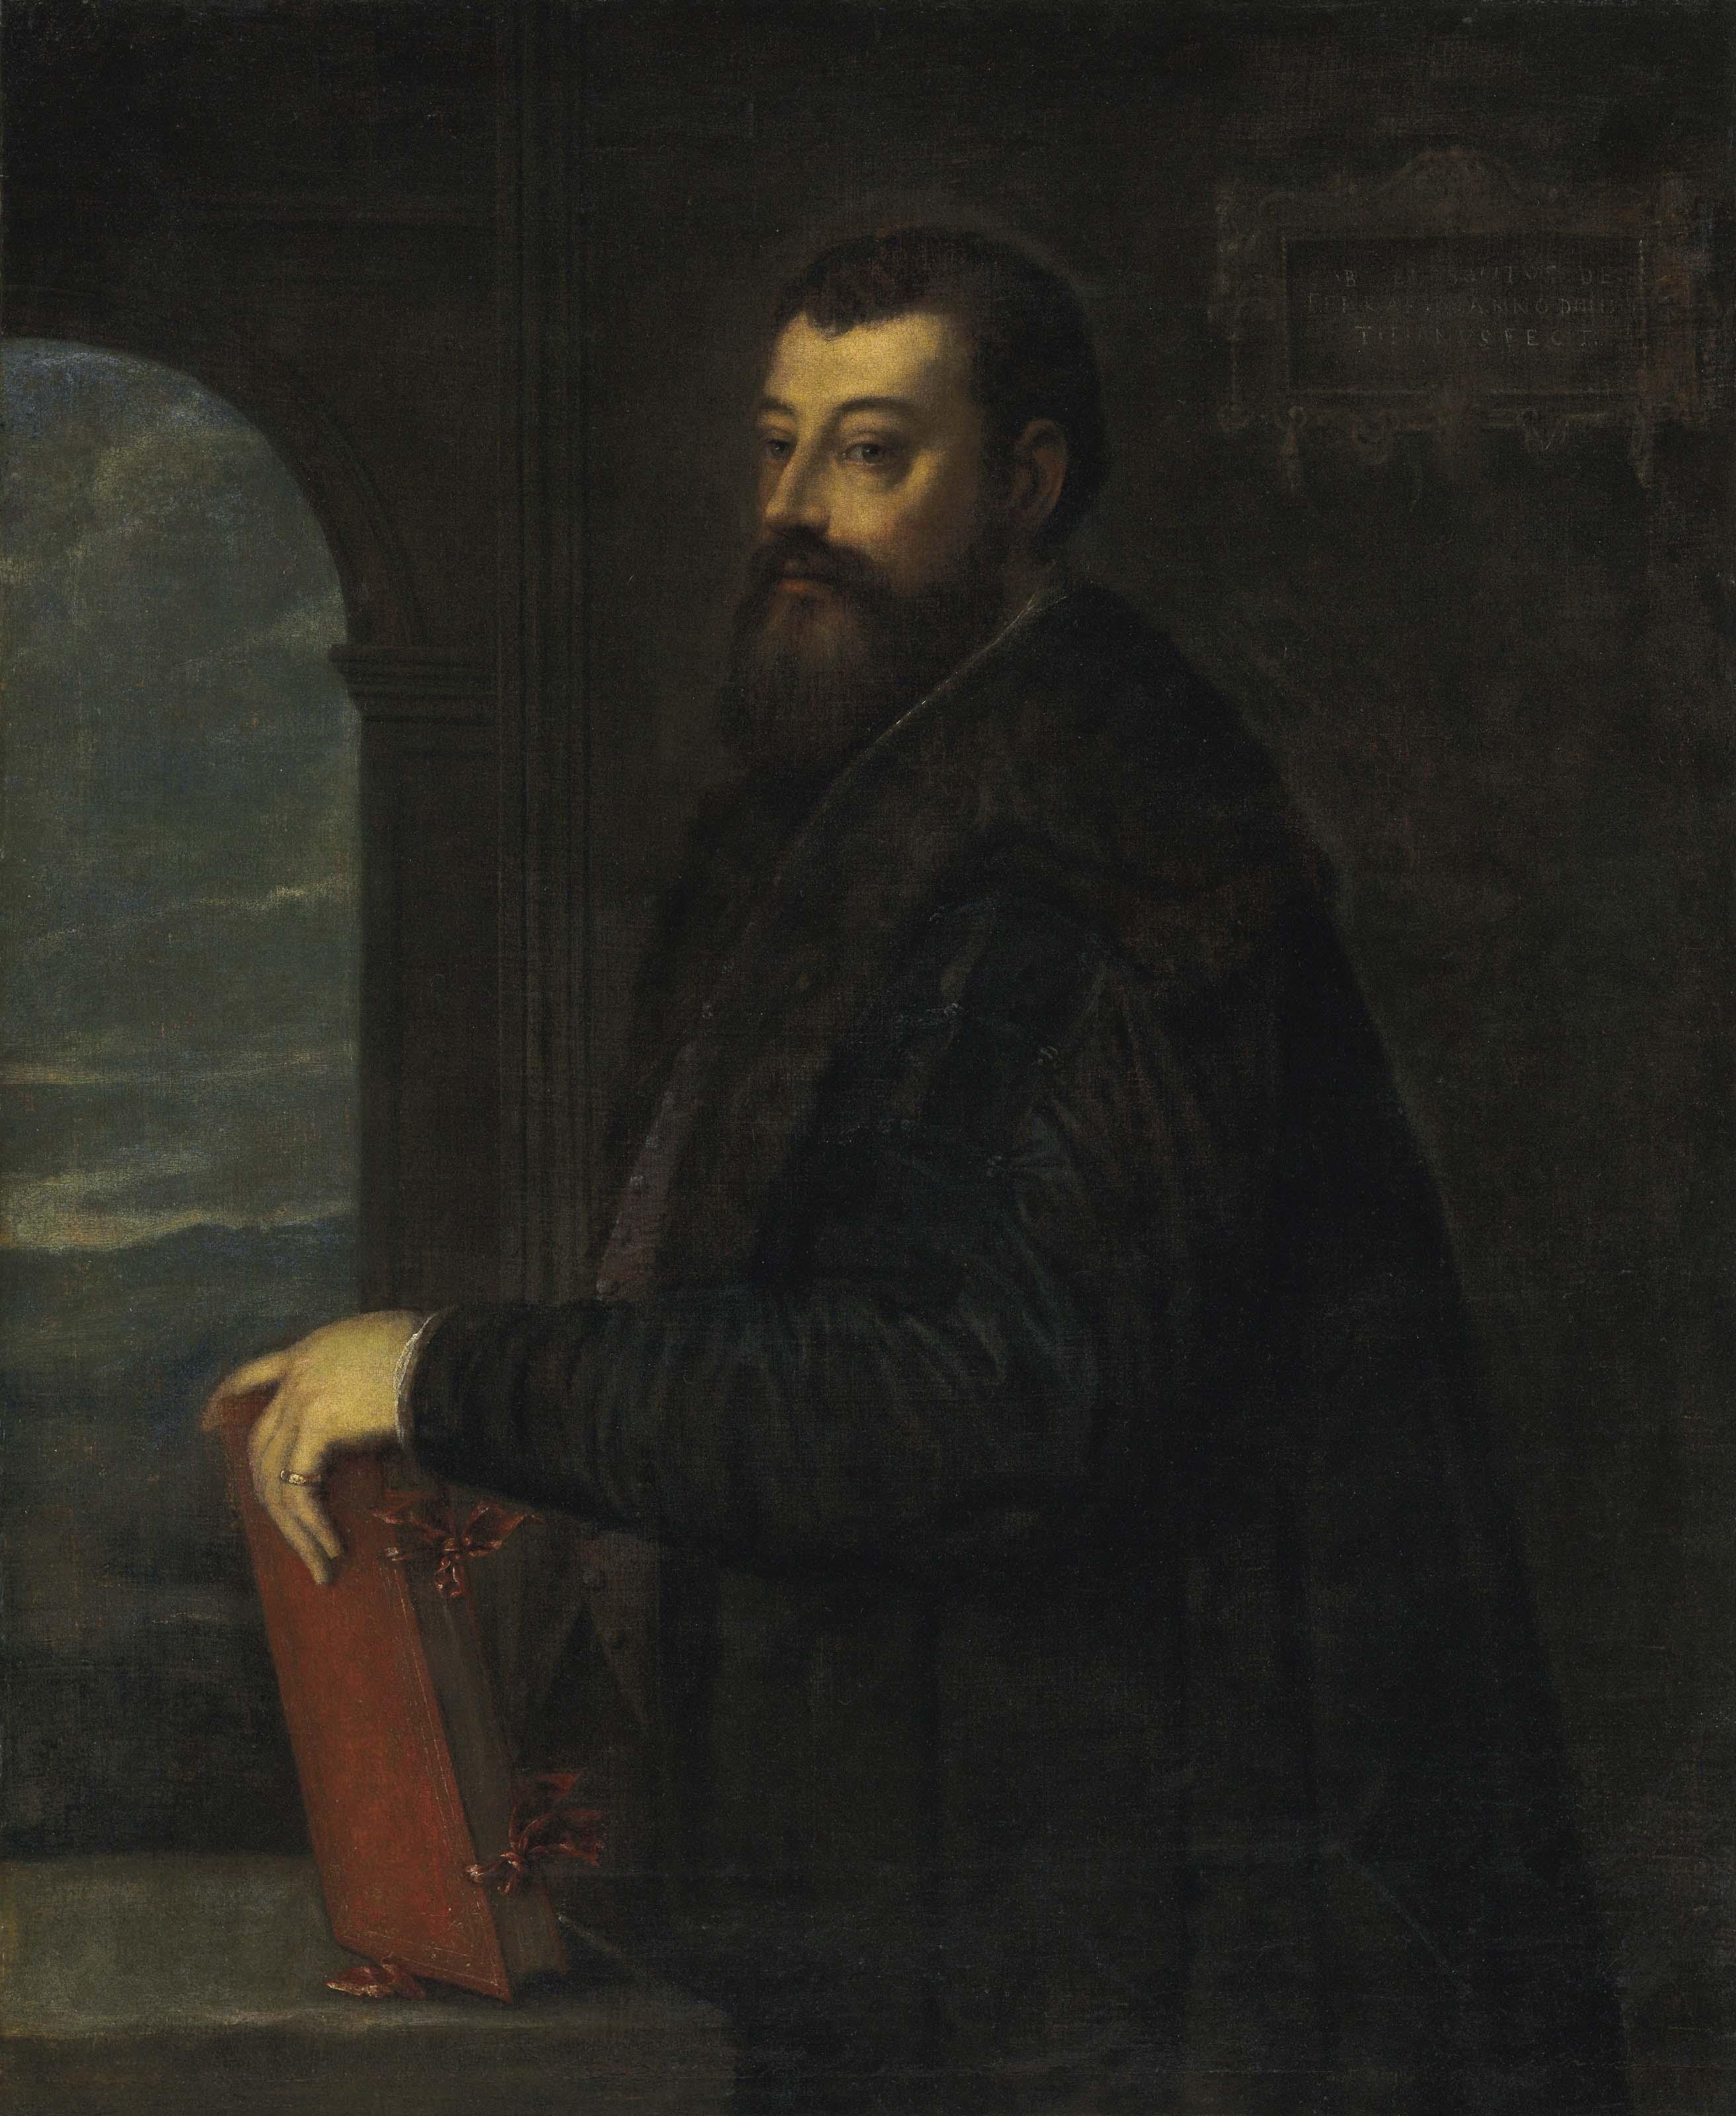 Tiziano Vecellio, called Titian (Pieve di Cadore c. 1485/90-1576 Venice)